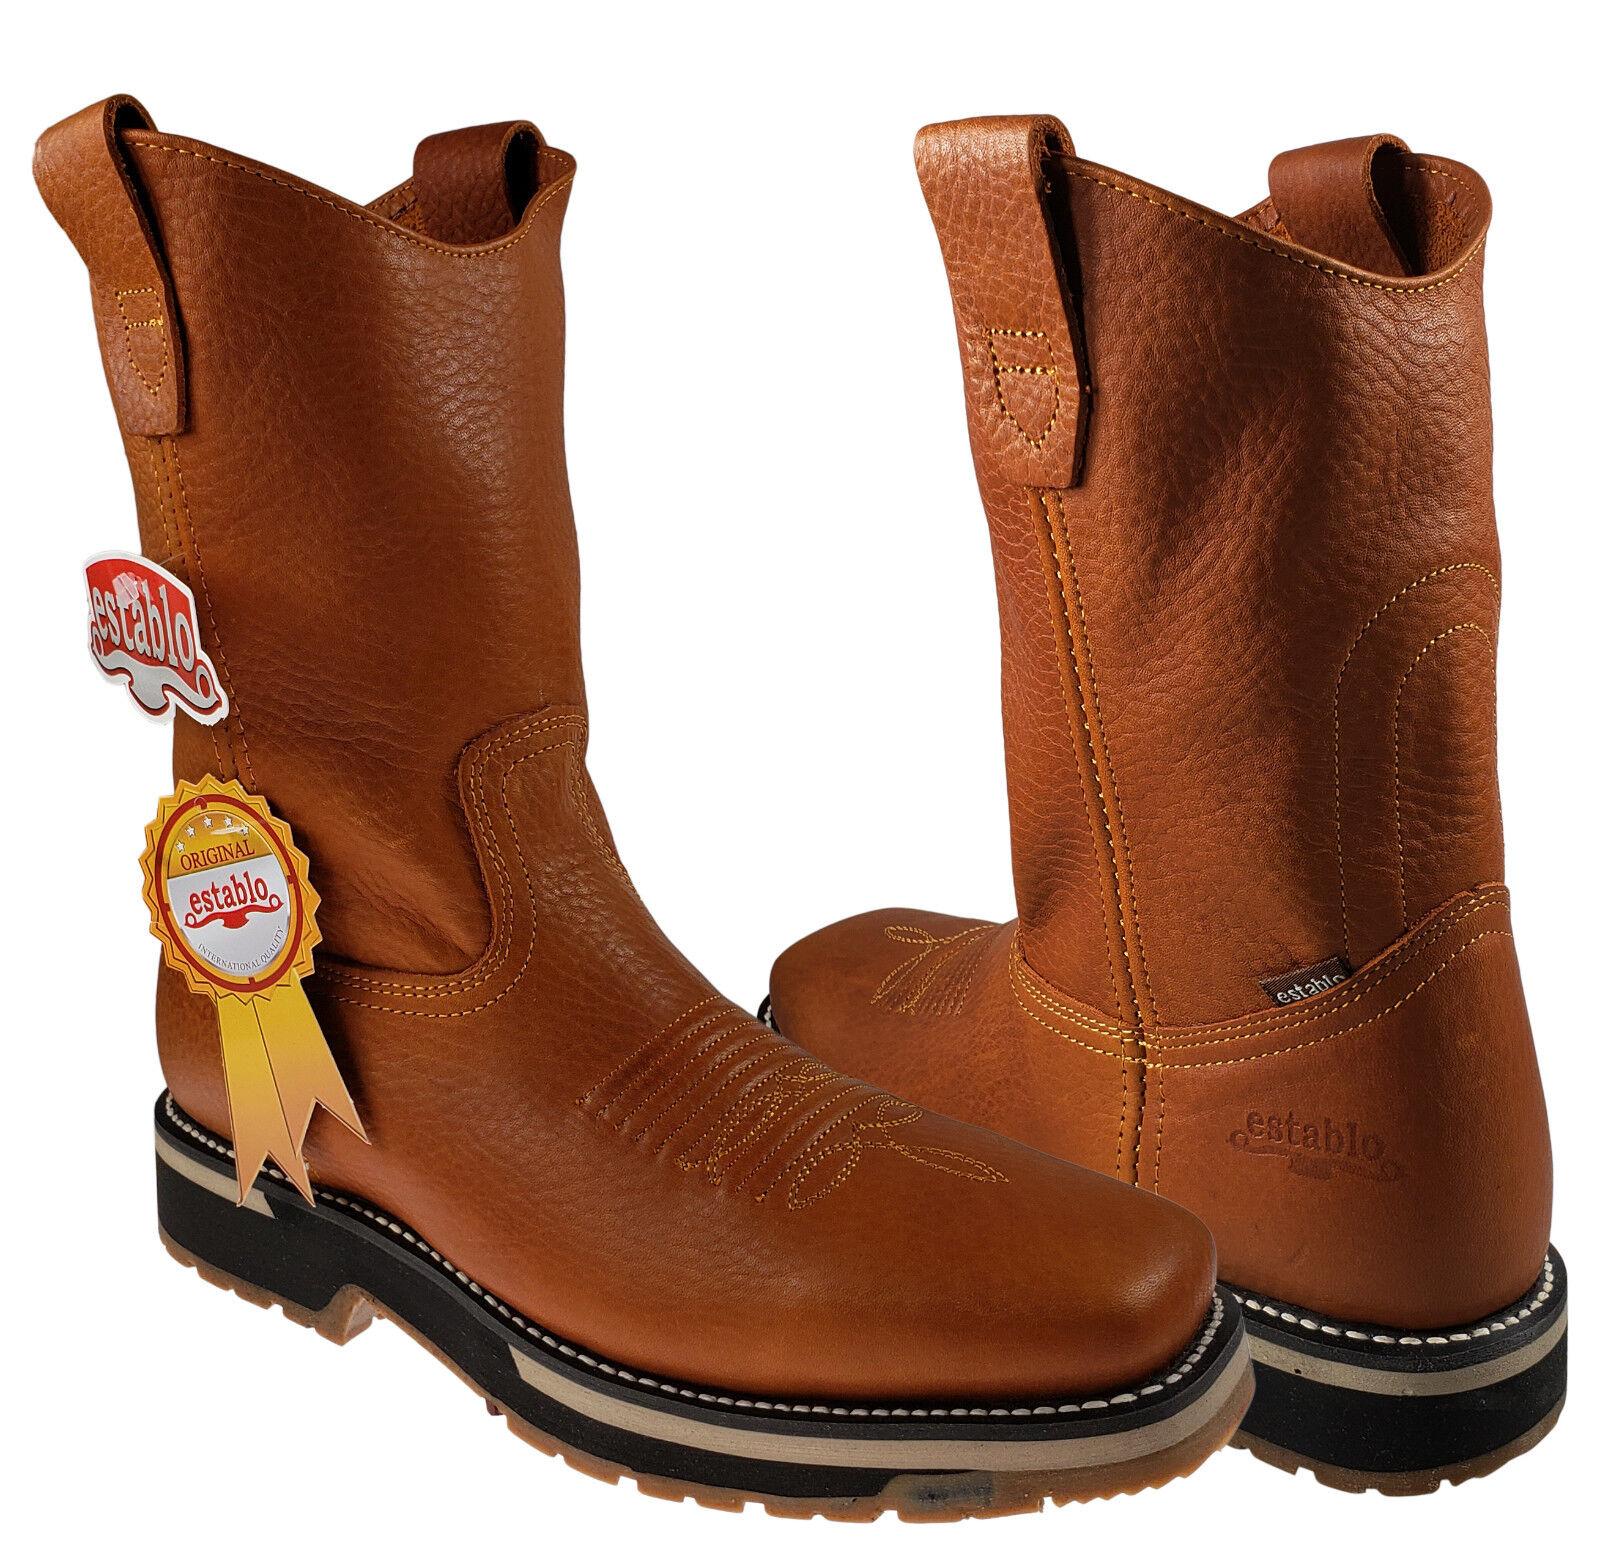 De travail hommes Rodeo bottes Establo cuir véritable Couleur miel Bull Fight